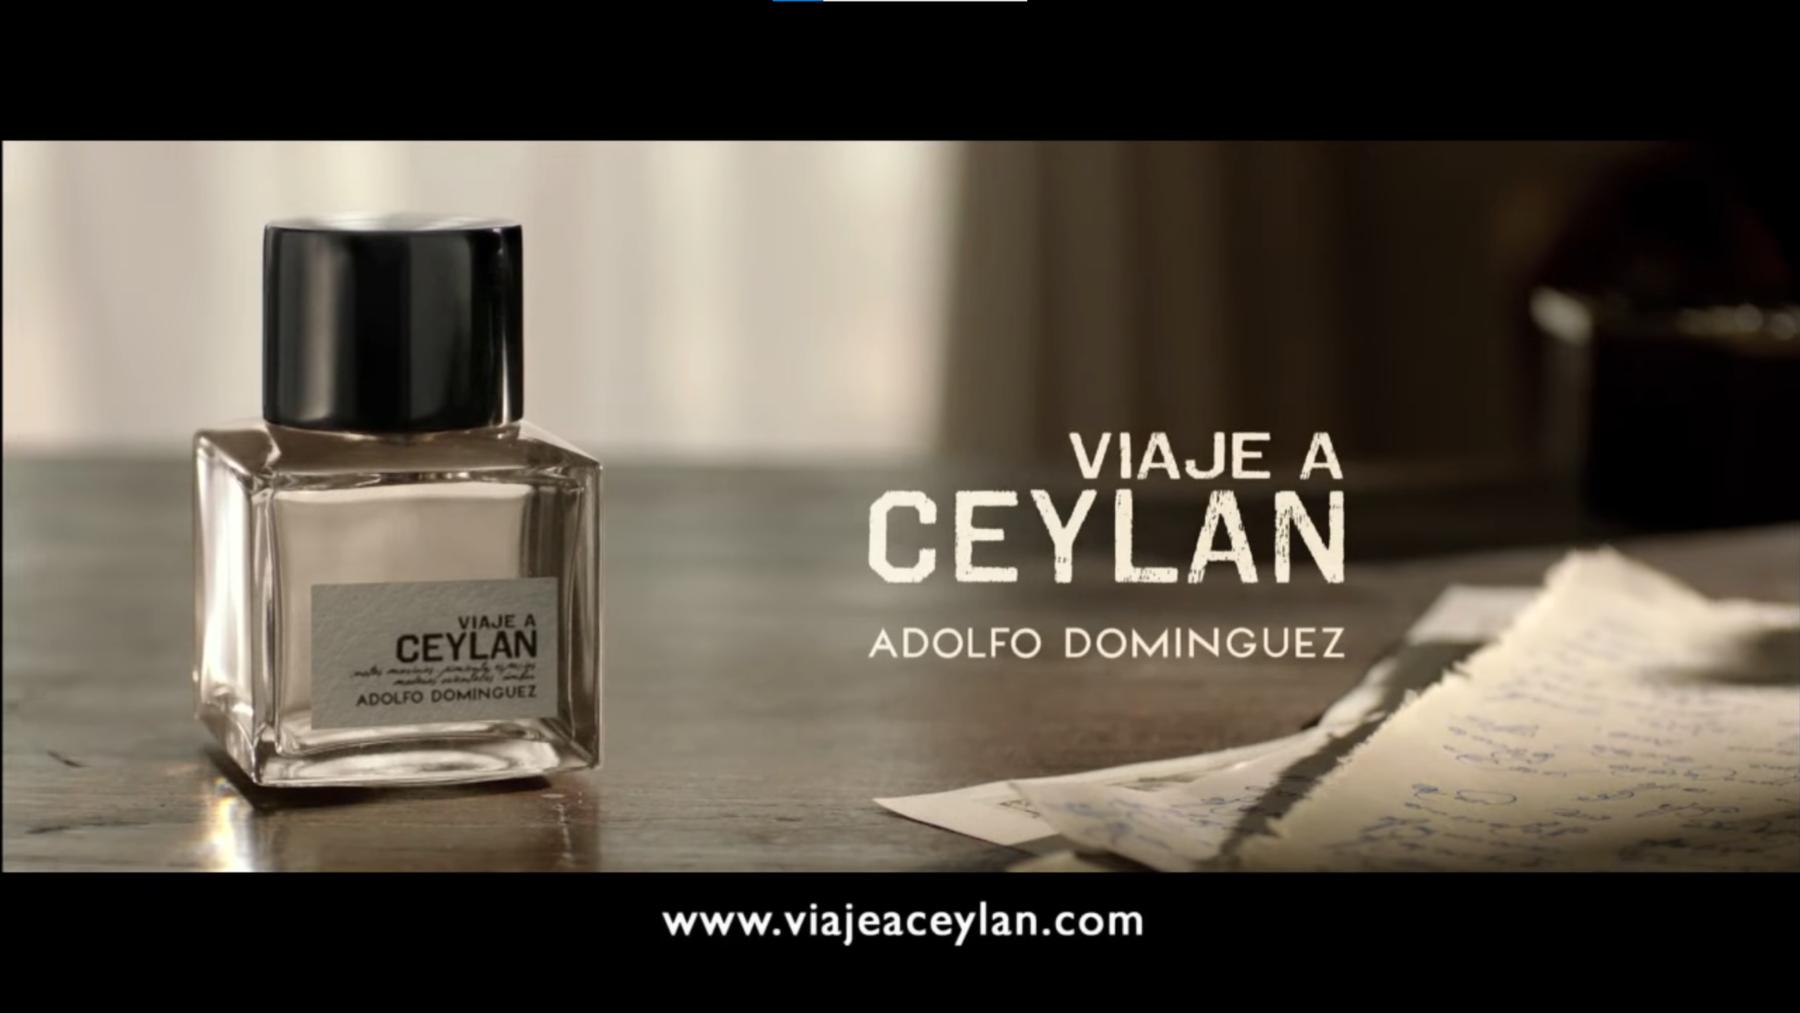 Viaje a Ceylán, un viaje de película al marketing